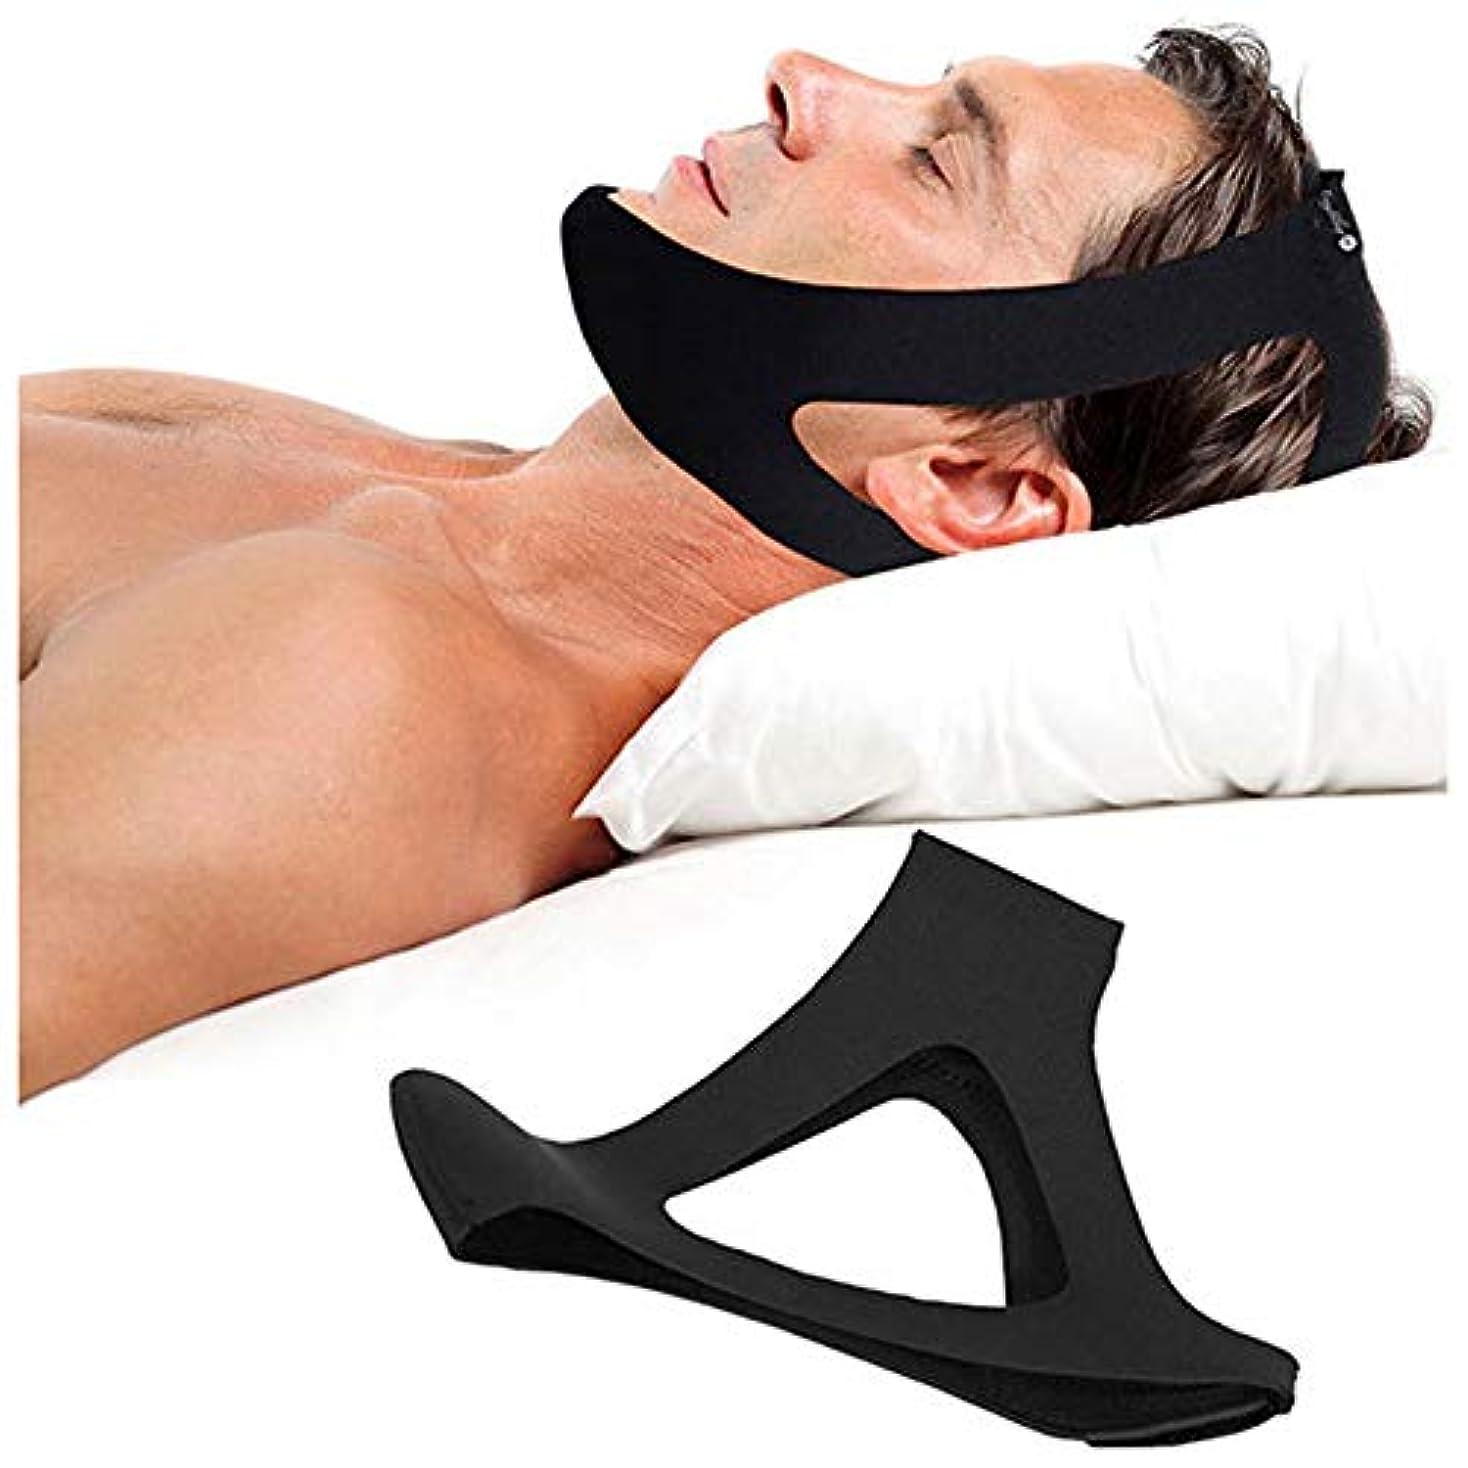 輝く両方指定するアンチいびきあごストラップ停止いびきいびきベルト睡眠時無呼吸あごサポートストラップ女性男性ナイト睡眠補助ツールフェイスリフトツール,A